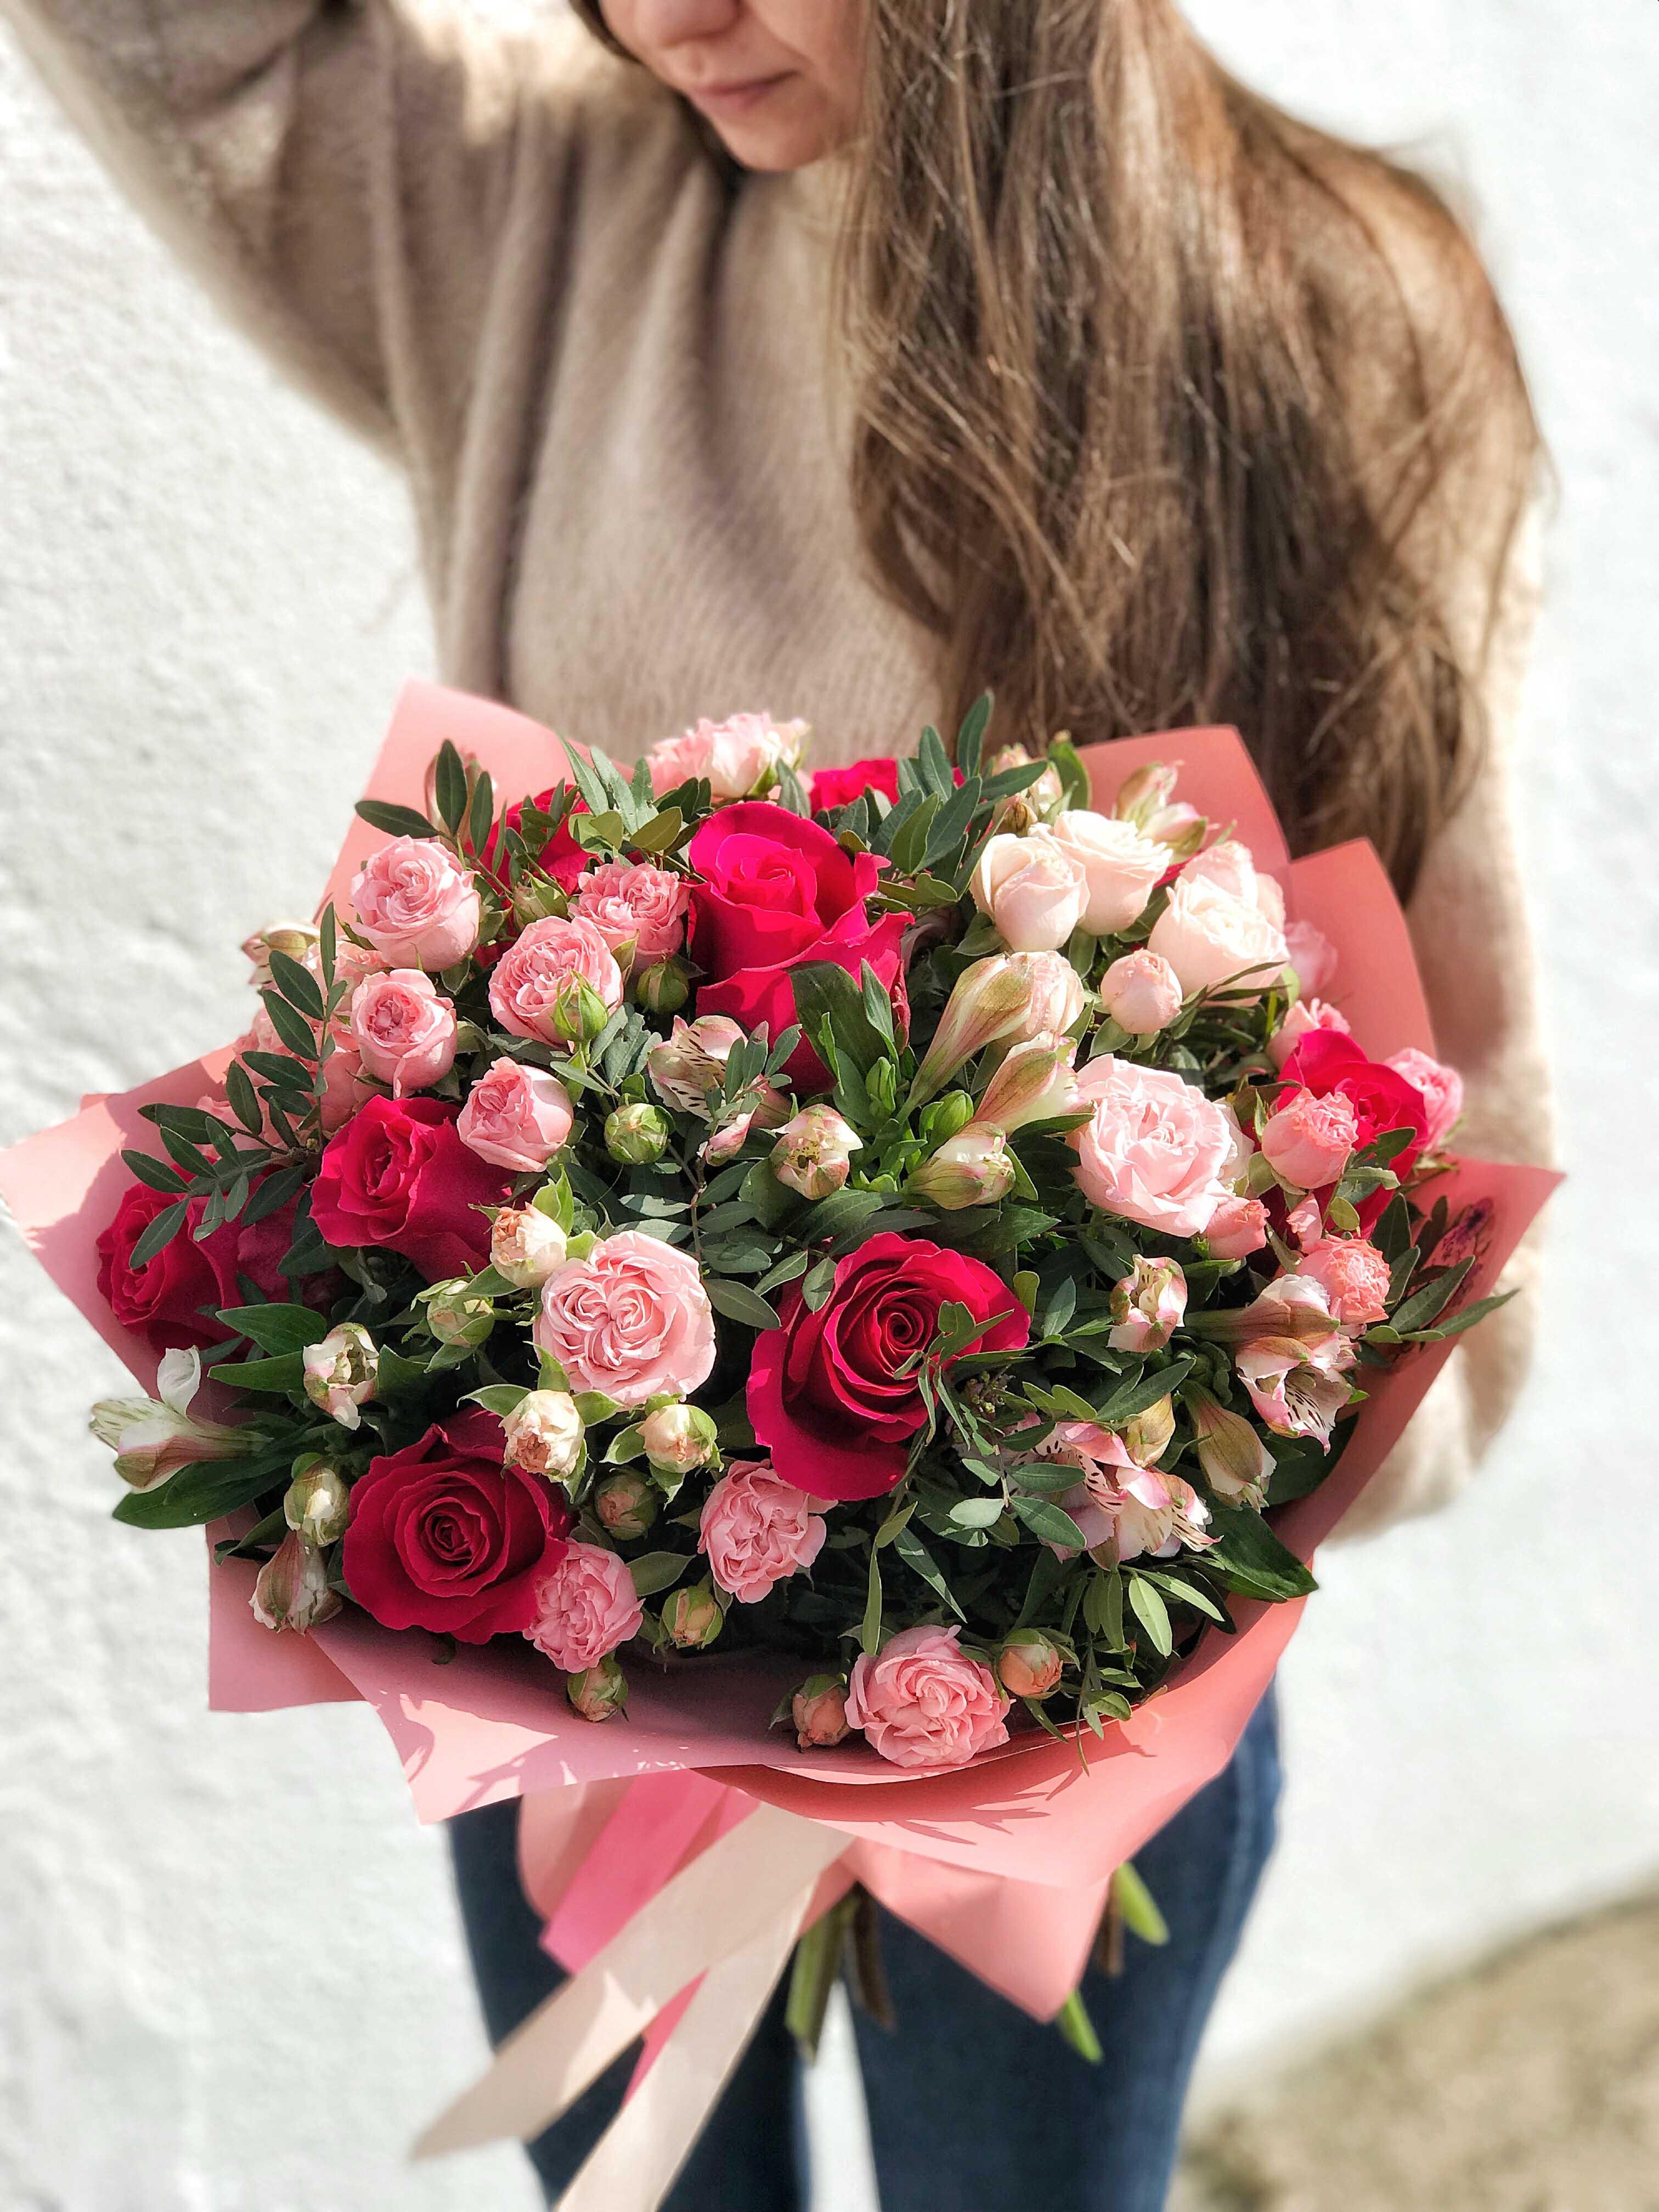 Букет из роз купить с доставкой минск, доставка томск букет